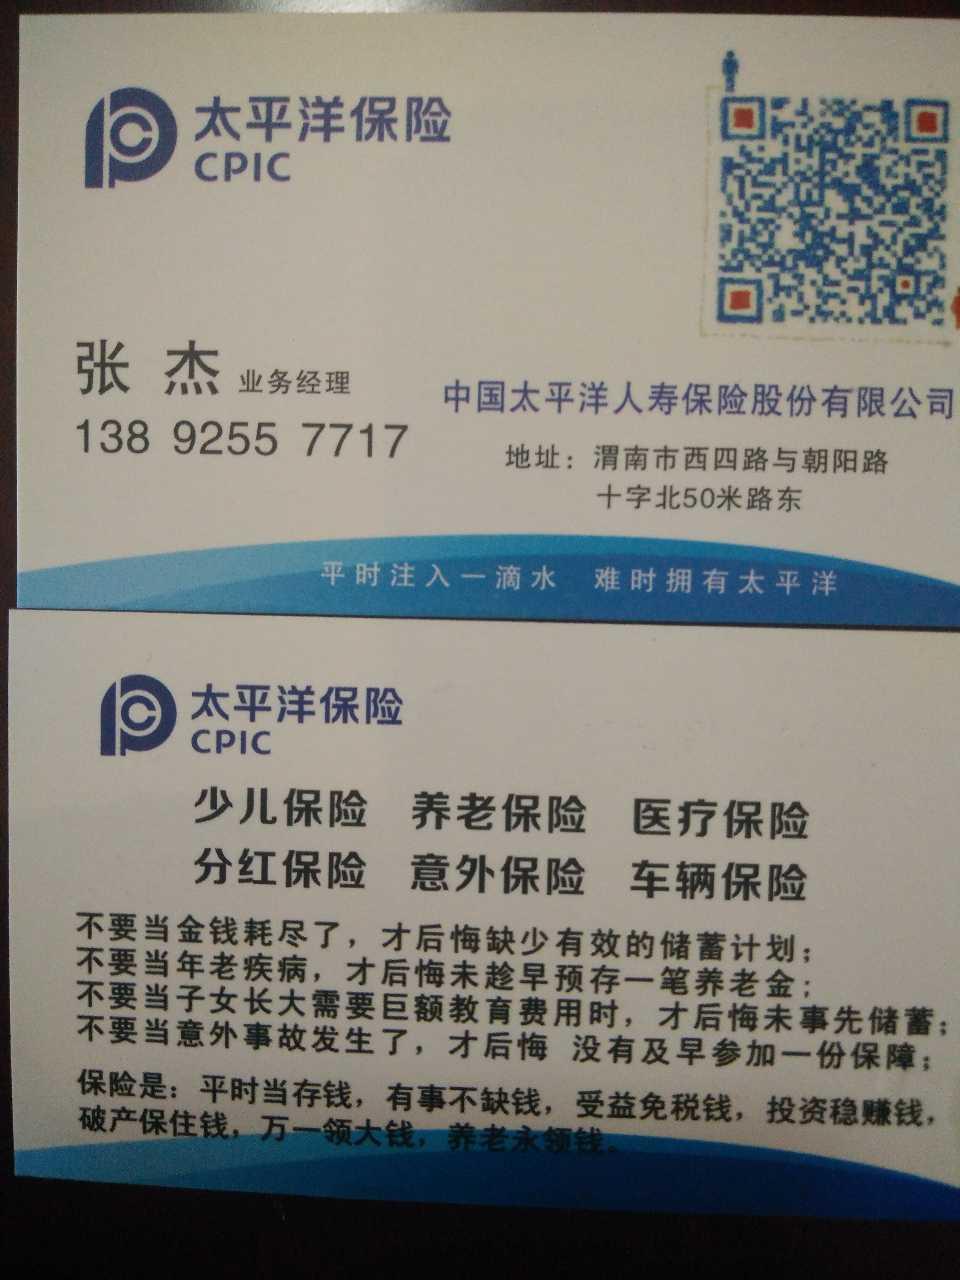 来自张*发布的招聘信息:本公司长期招聘业务主管数名,业务员数名,... - 中国太平洋保险(集团)股份有限公司